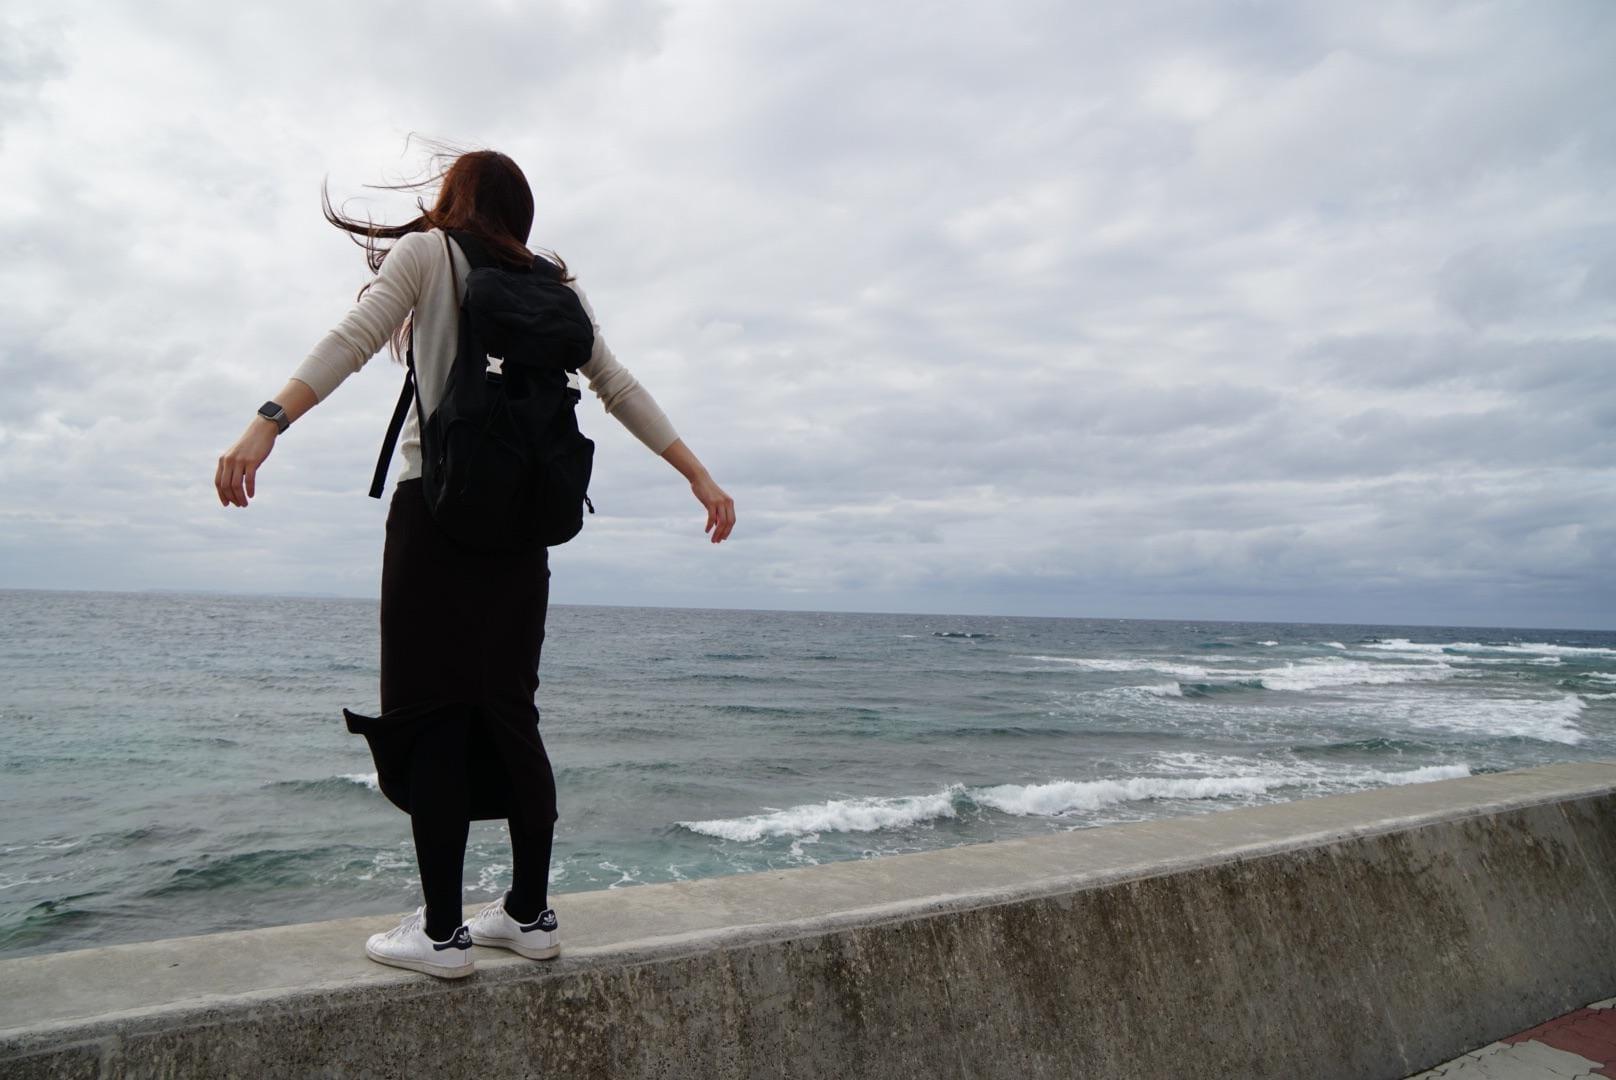 「へいへい沖縄〜」01/15(01/15) 18:28 | りこの写メ・風俗動画